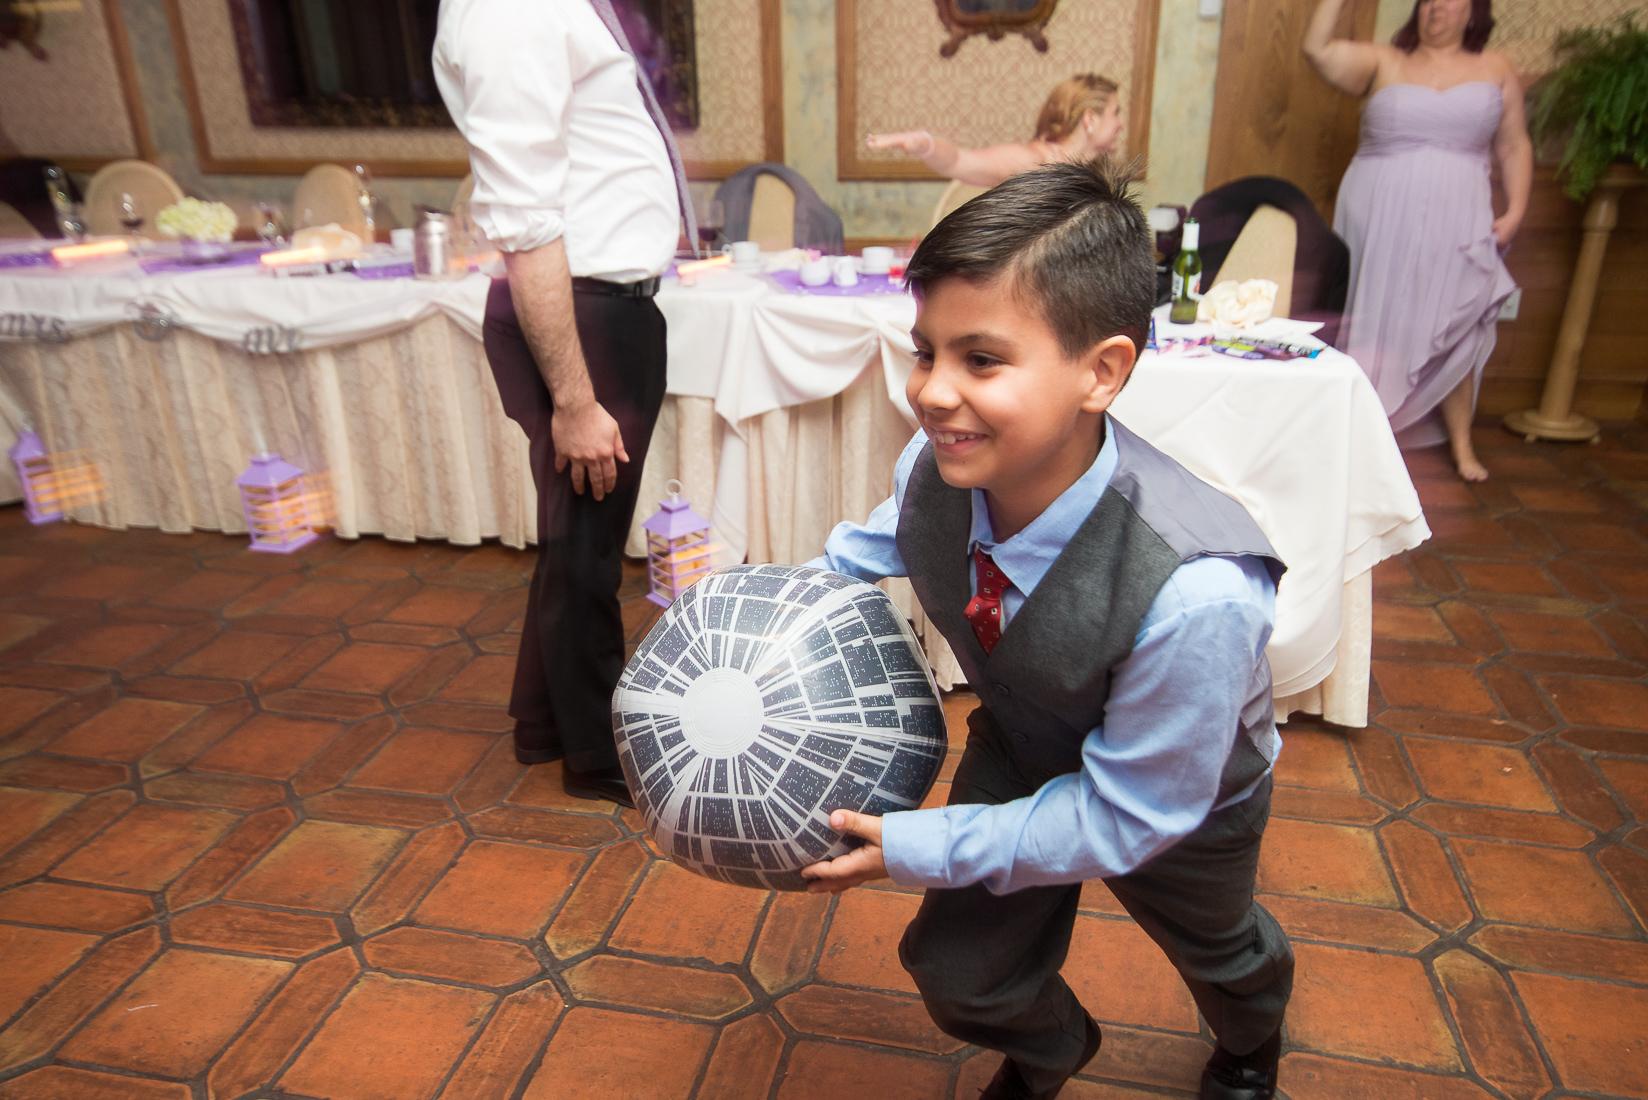 Manor-SouthOrange-NJ-wedding-0051.jpg